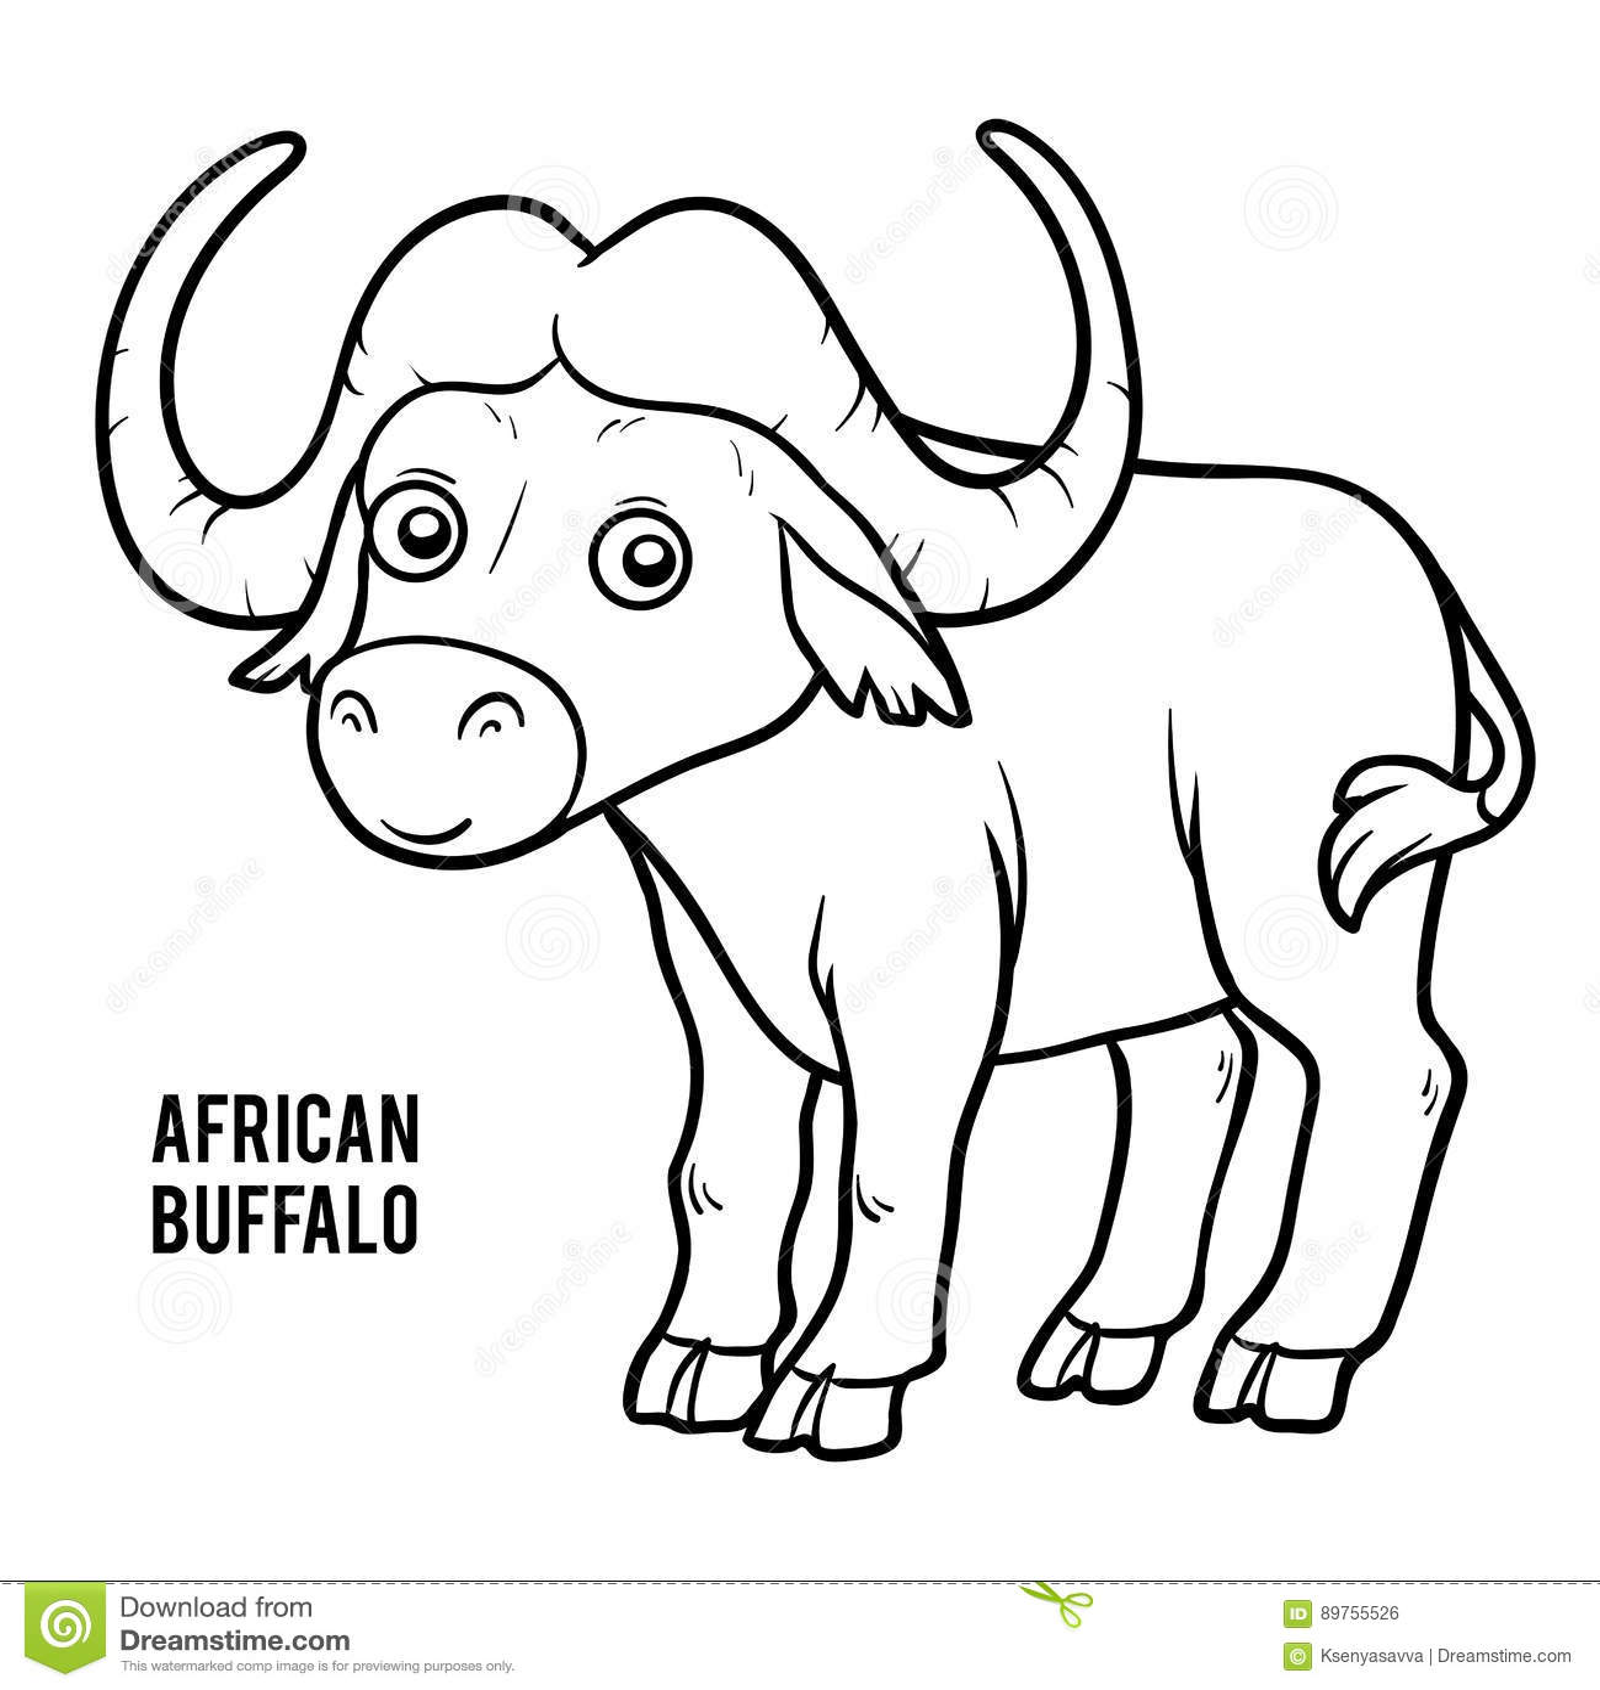 Excepcional Logotipo De Búfalos Para Colorear Imagen - Enmarcado ...